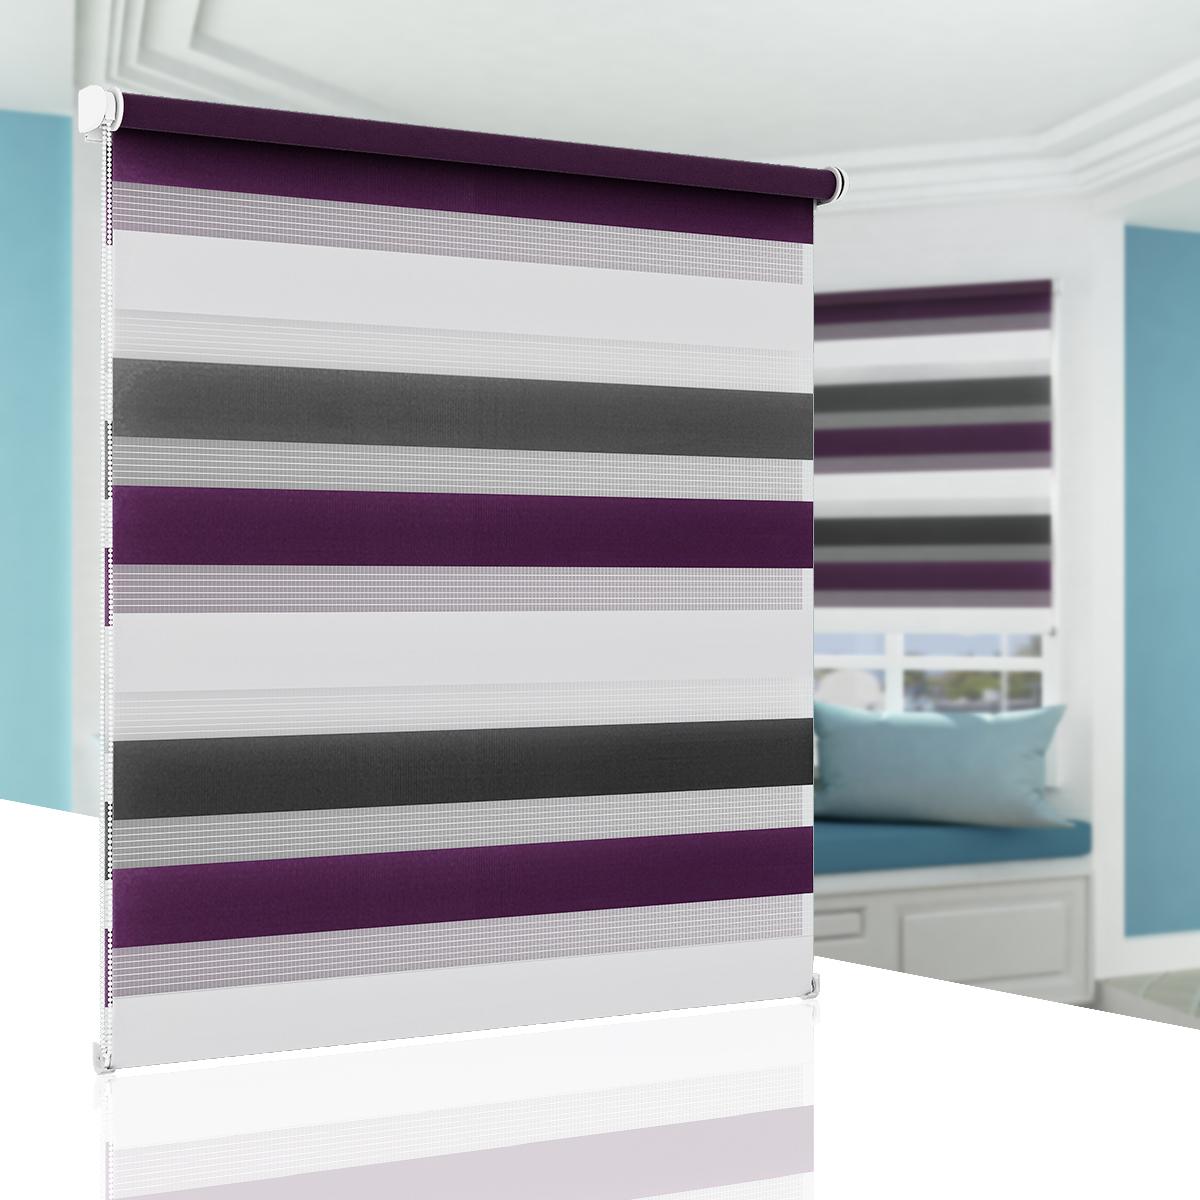 rollo doppelrollo klemmfix rollos f r fenster ohne bohren seitenzugrollo ebay. Black Bedroom Furniture Sets. Home Design Ideas